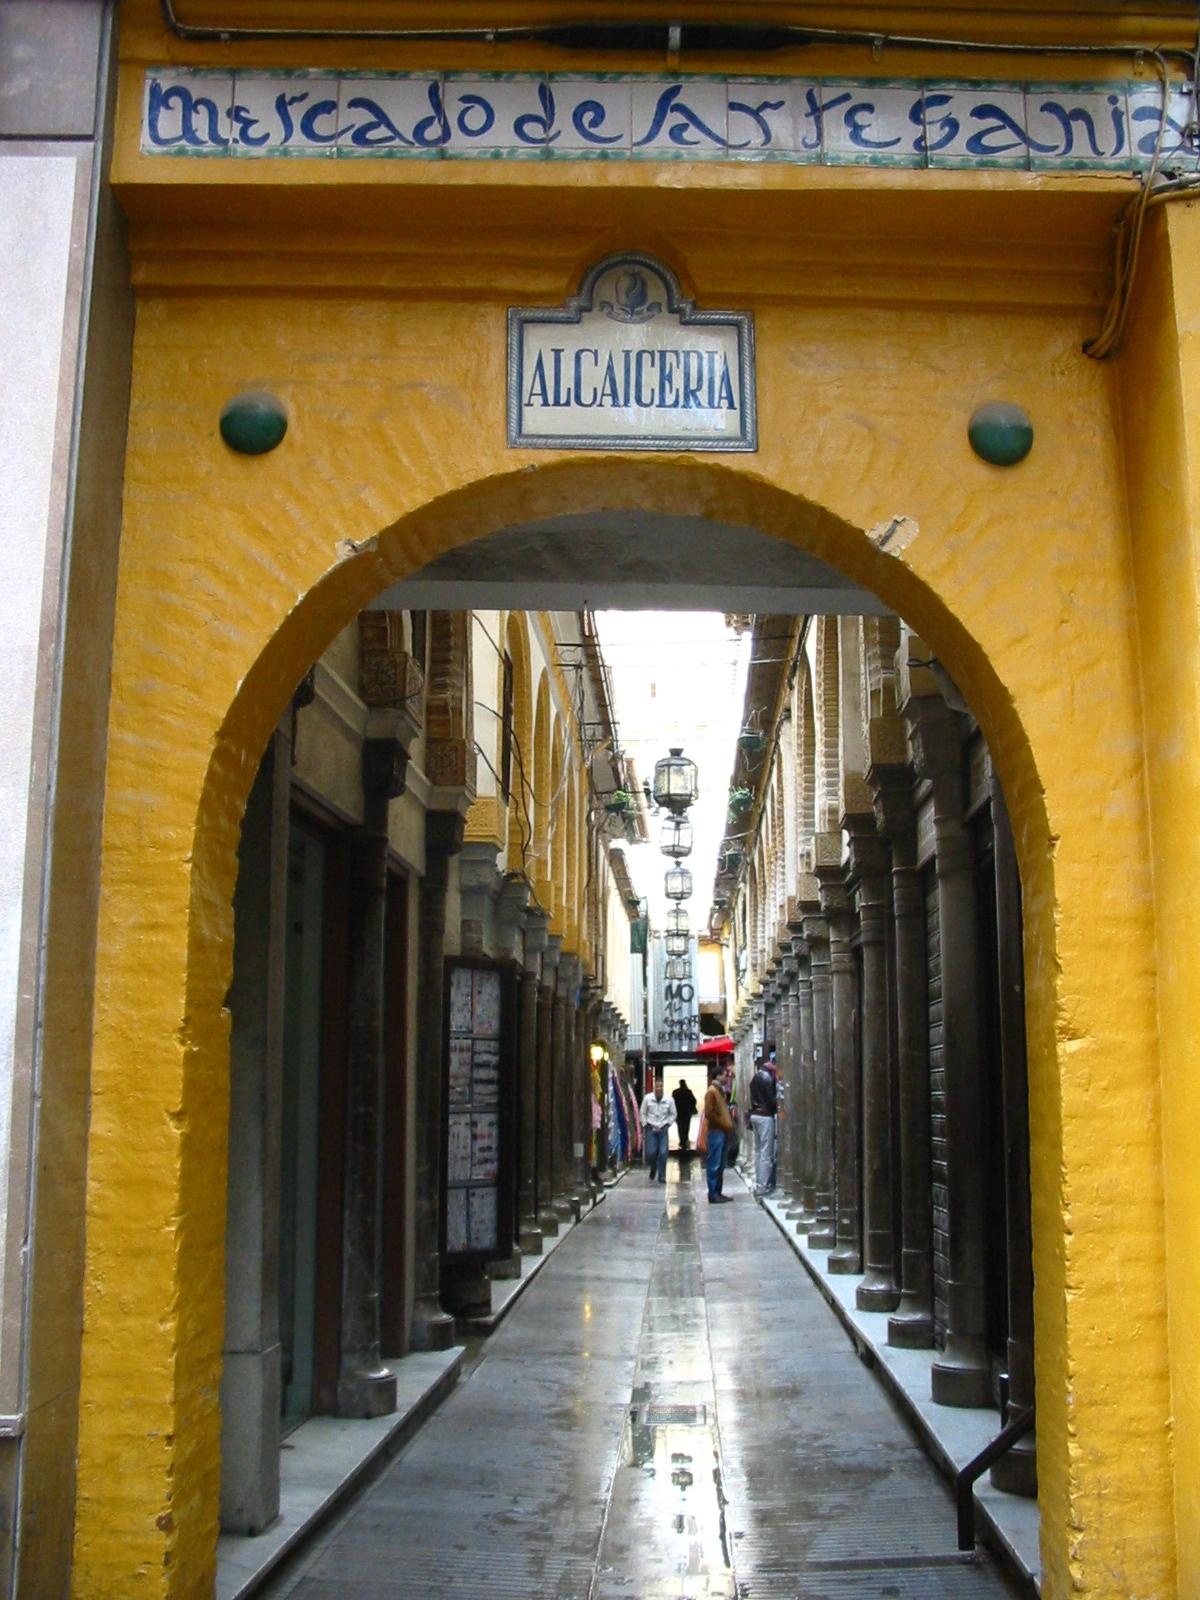 إسبانيا غرناطة اهم اماكن التسوق والمطاعم سوق القيصرية